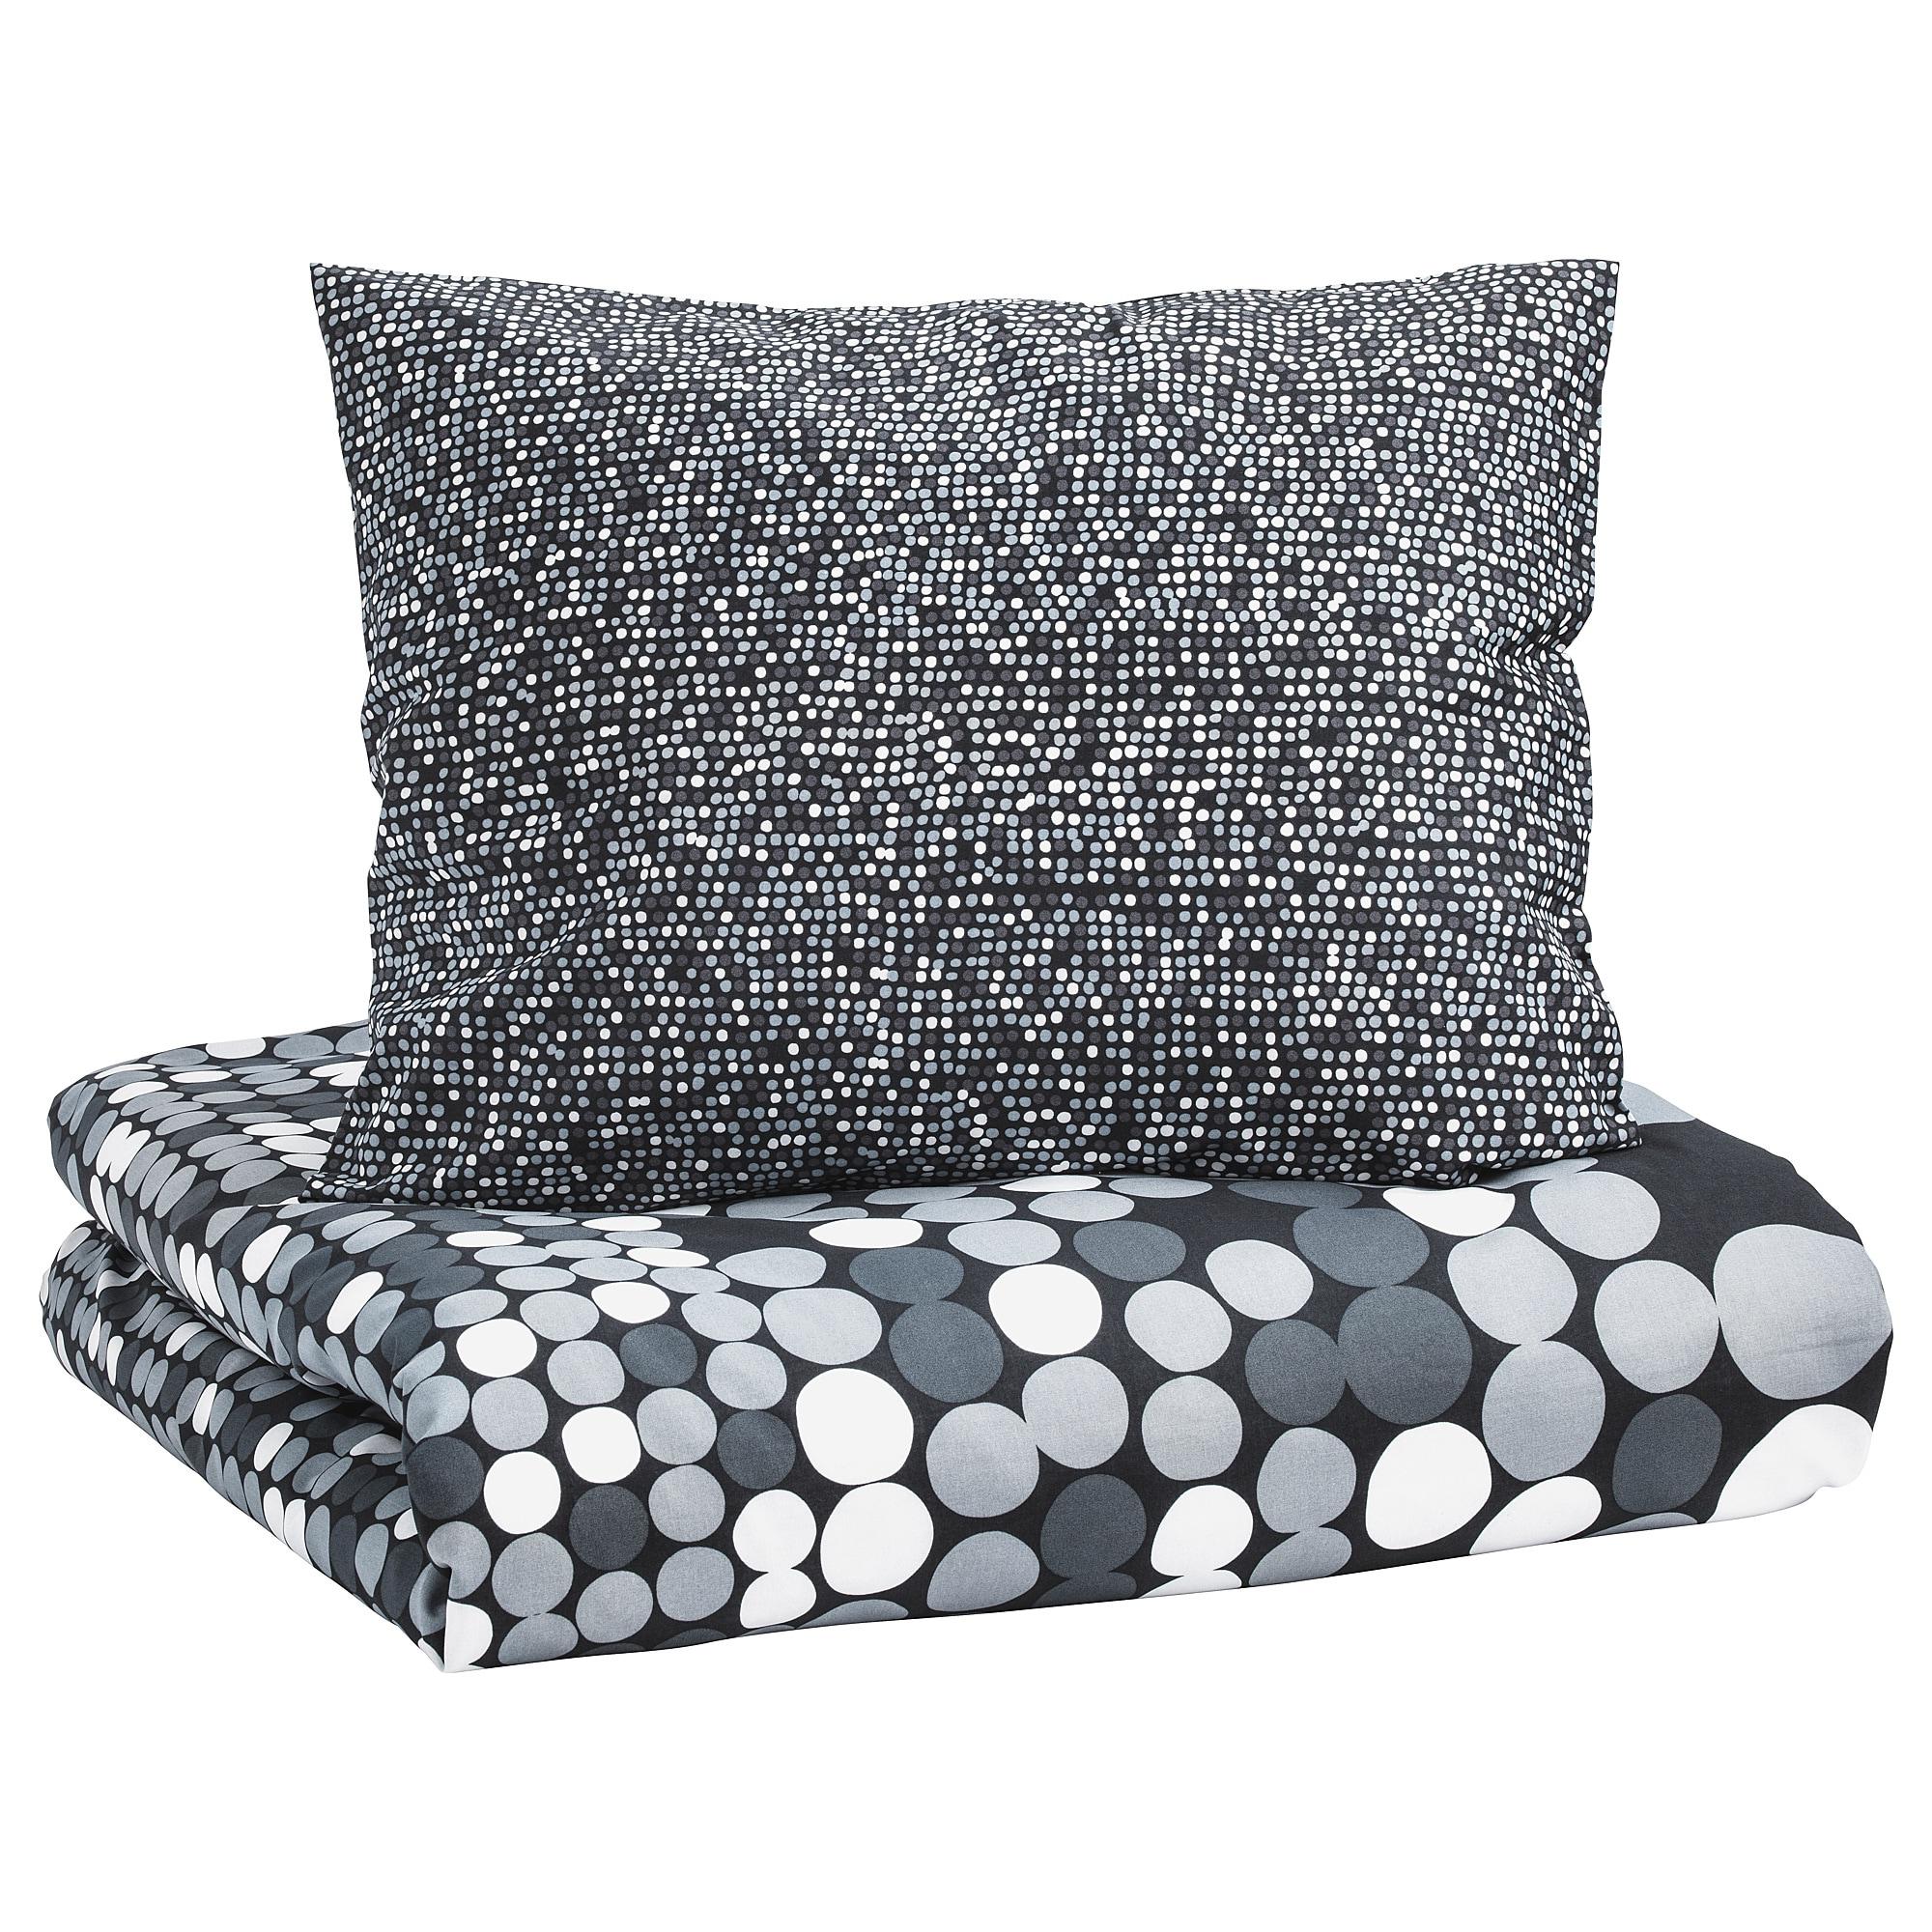 Fundas De sofa Ajustables Conforama Bqdd Fundas NÃ Rdicas Y SÃ Banas Pra Online Ikea